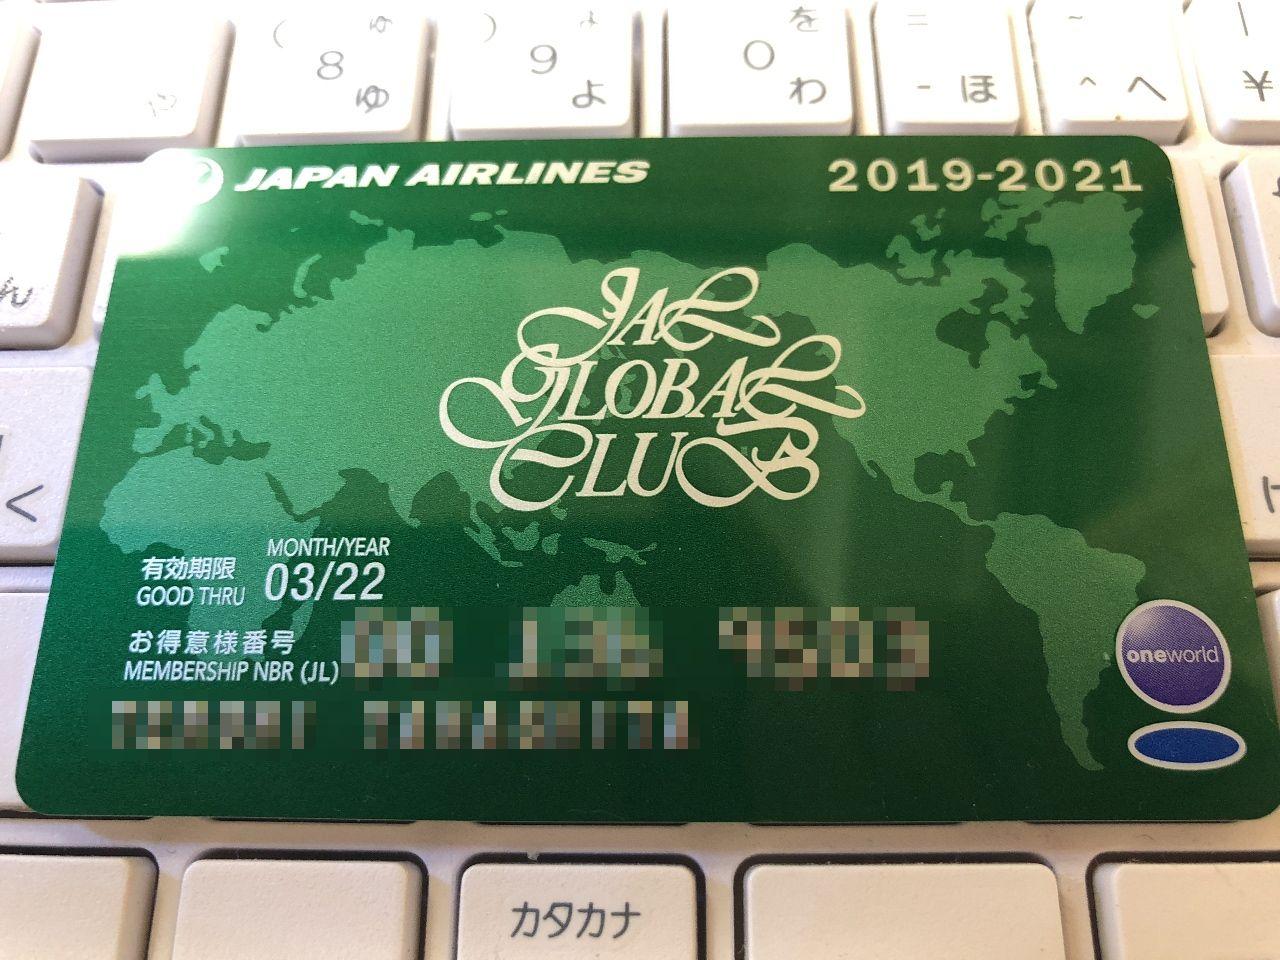 JALグローバルクラブ(JGC) ワンワールド サファイア会員カード